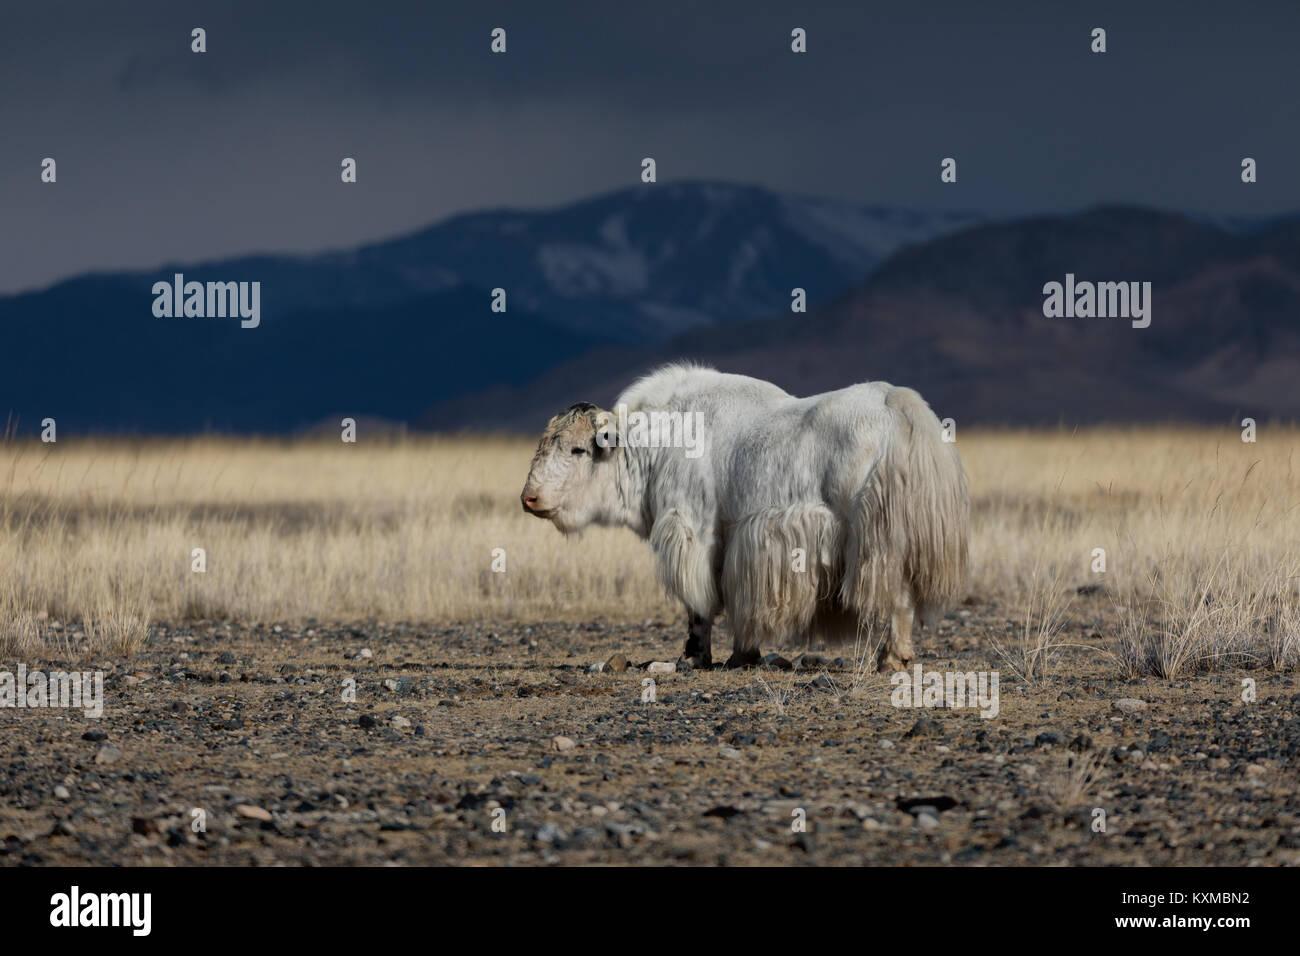 Yak blanco Mongolia estepas llanuras de pastizales de invierno toro vaca mongol Imagen De Stock